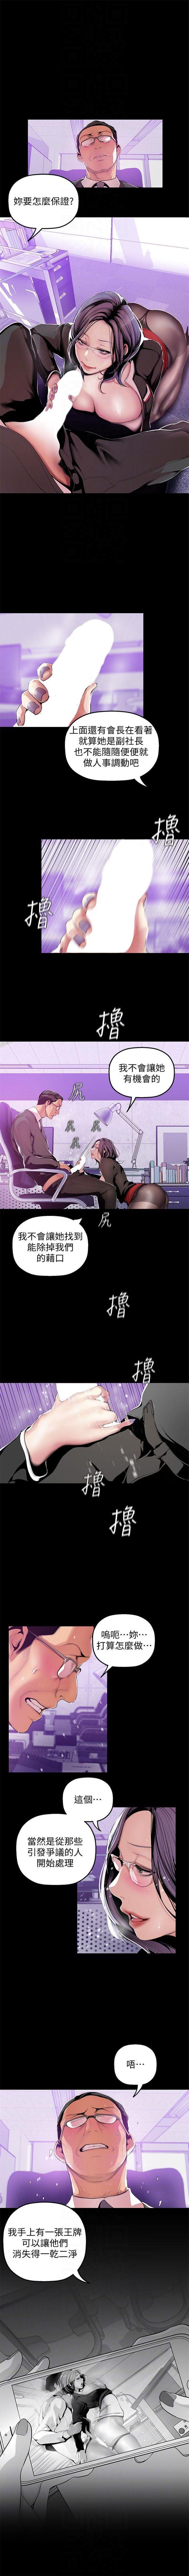 (週1)美麗新世界 1-76 中文翻譯 (更新中) 341